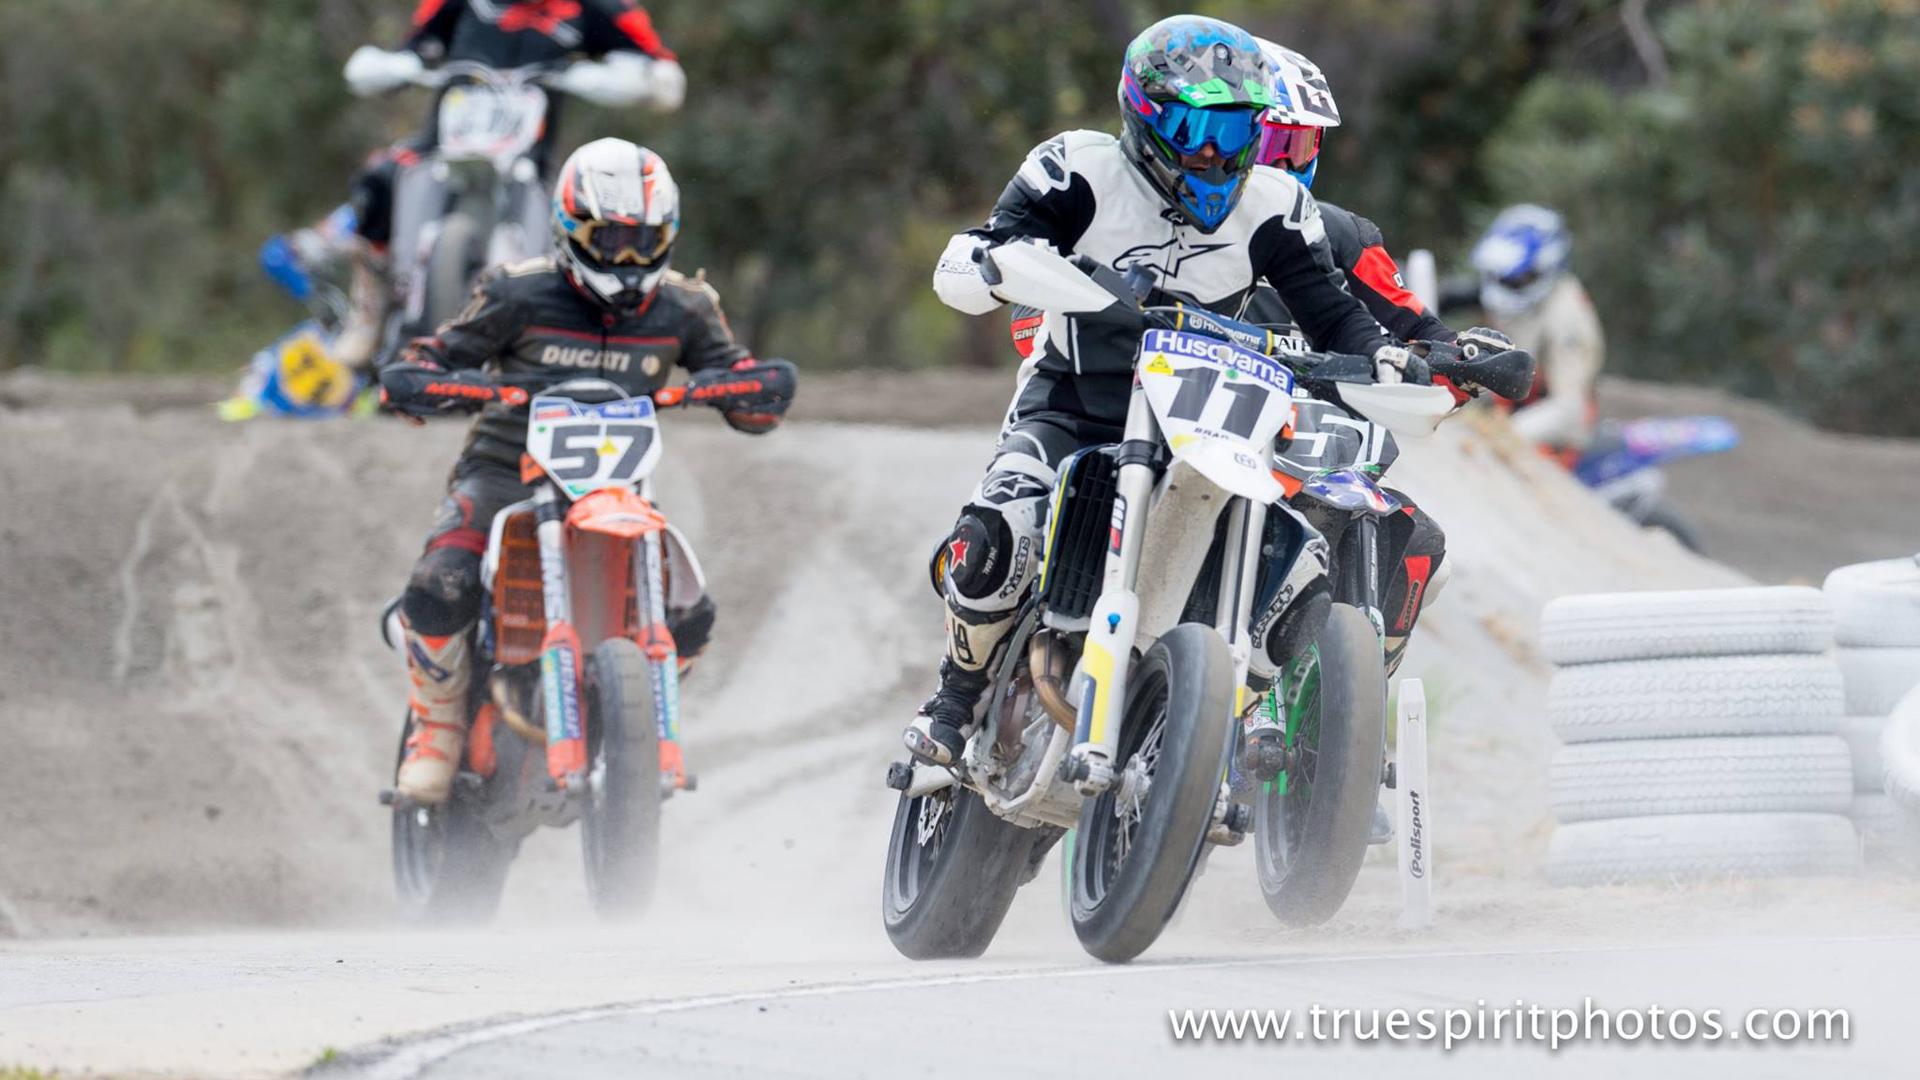 Moto Wrap Ama Endurocross Supermoto Baja 1000